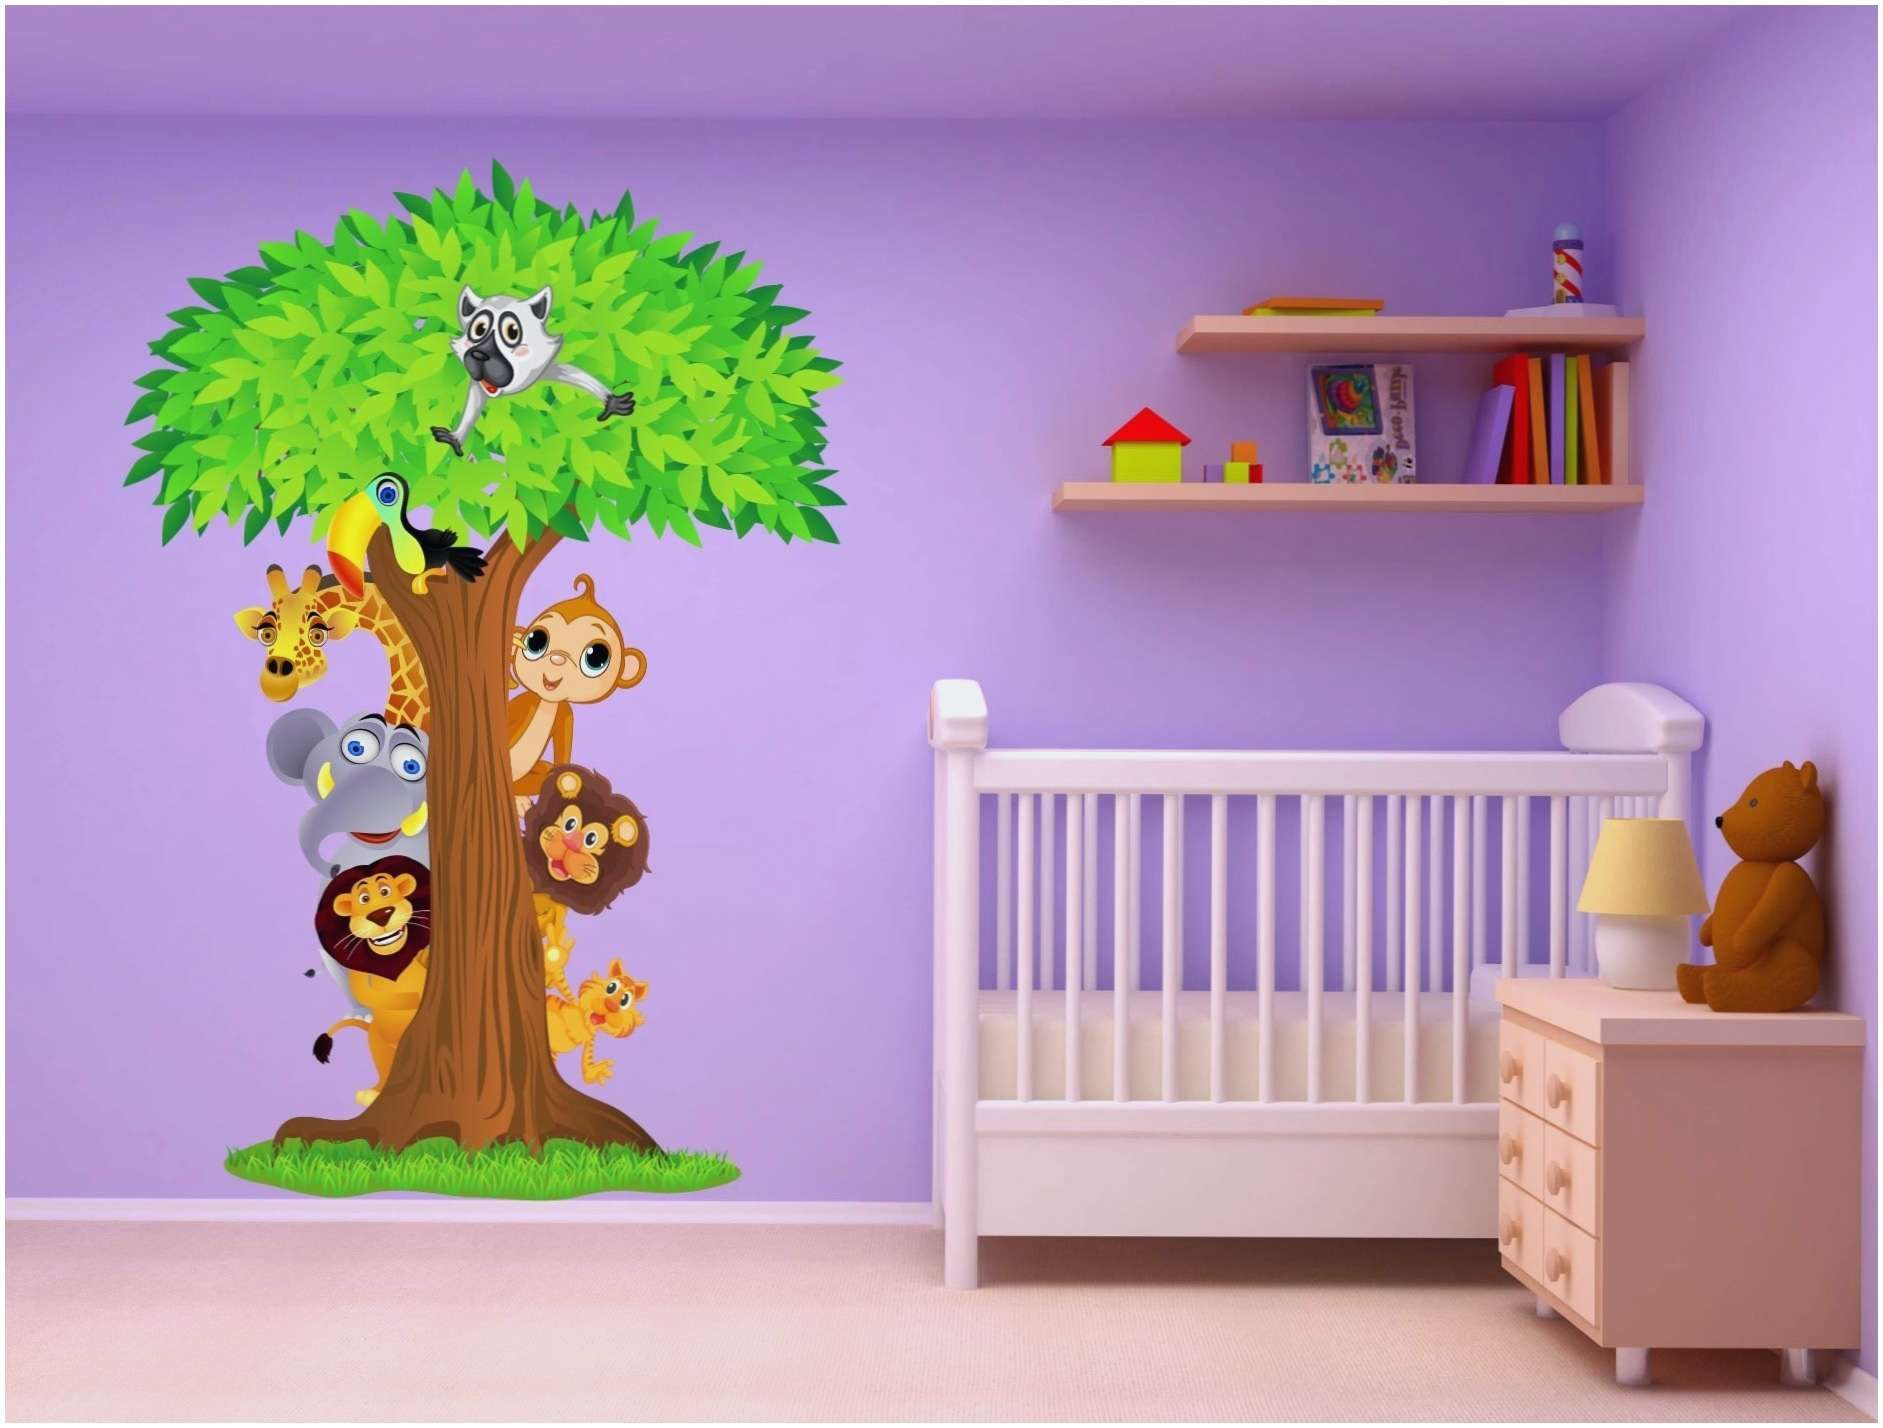 Lit Bébé Chicco Impressionnant Luxe Tableau Peinture Pour Chambre Bébé Fille Nouveau S Couleur Pour